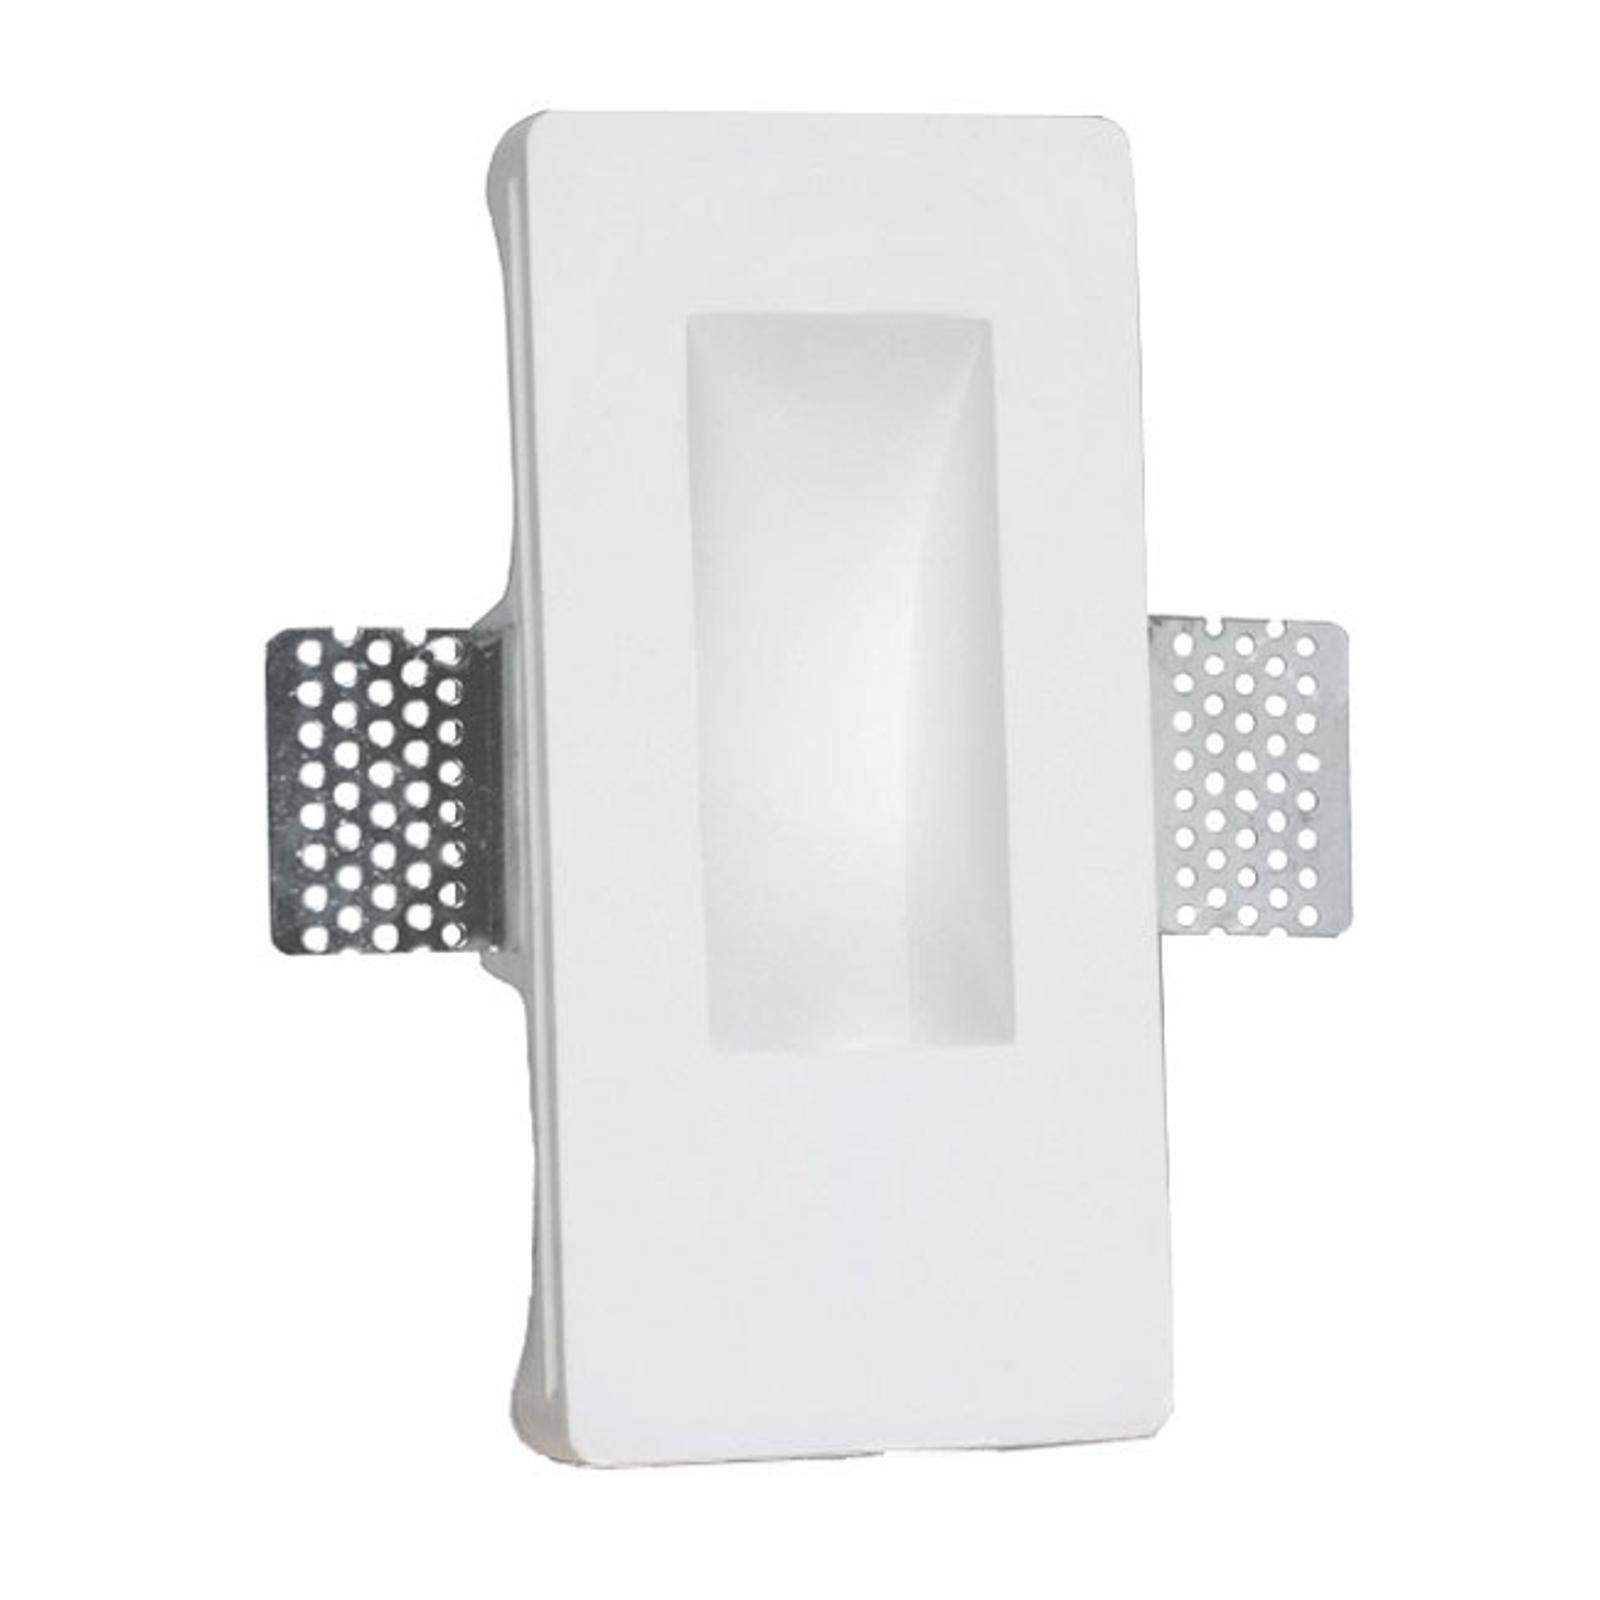 LED innfelt vegglampe Zementos av gips